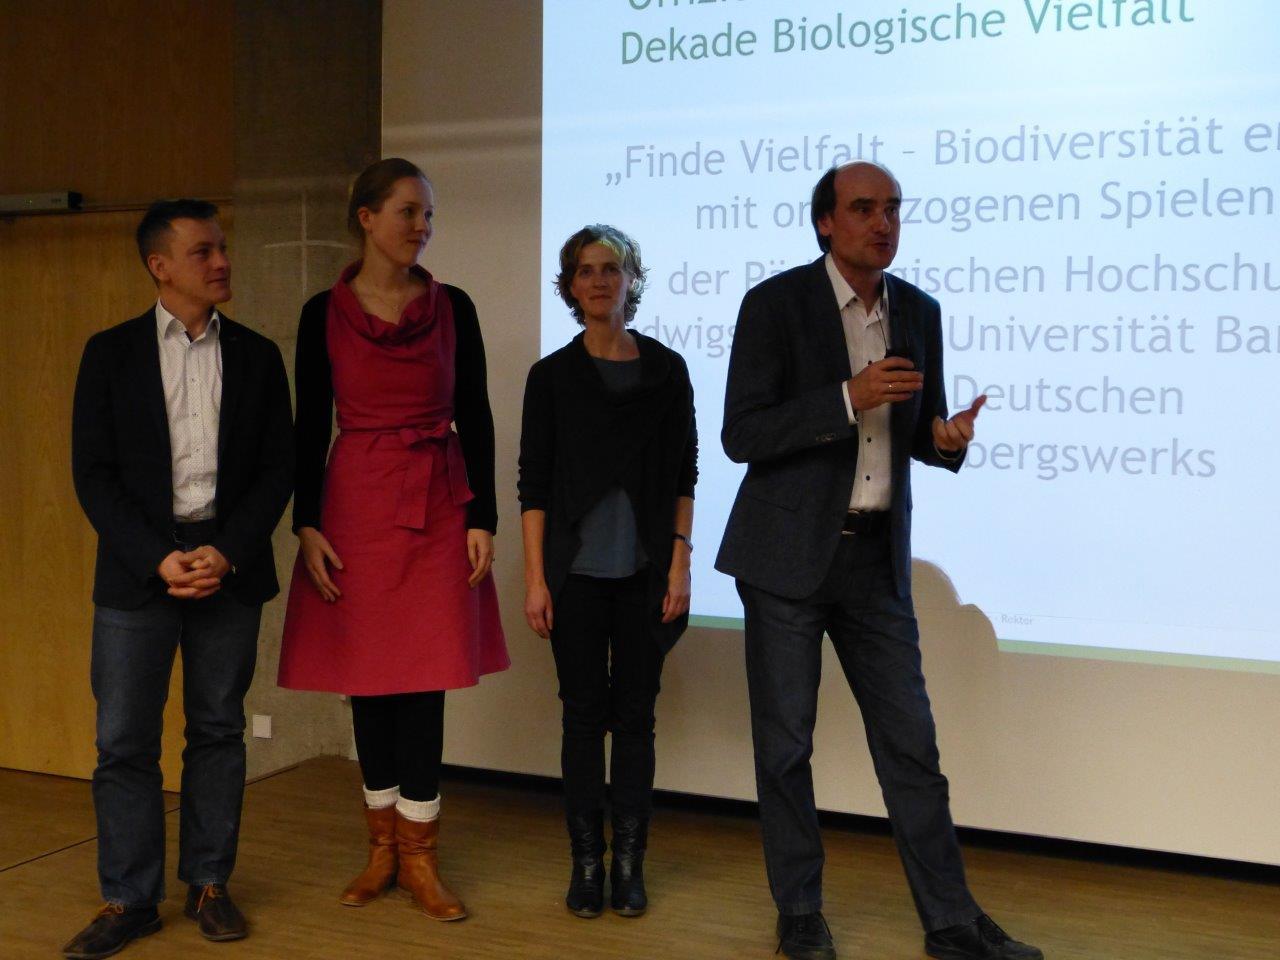 Prof. Dr. Armin Lude bedankt sich für die Auszeichnung. Foto: Projekt Finde Vielfalt.